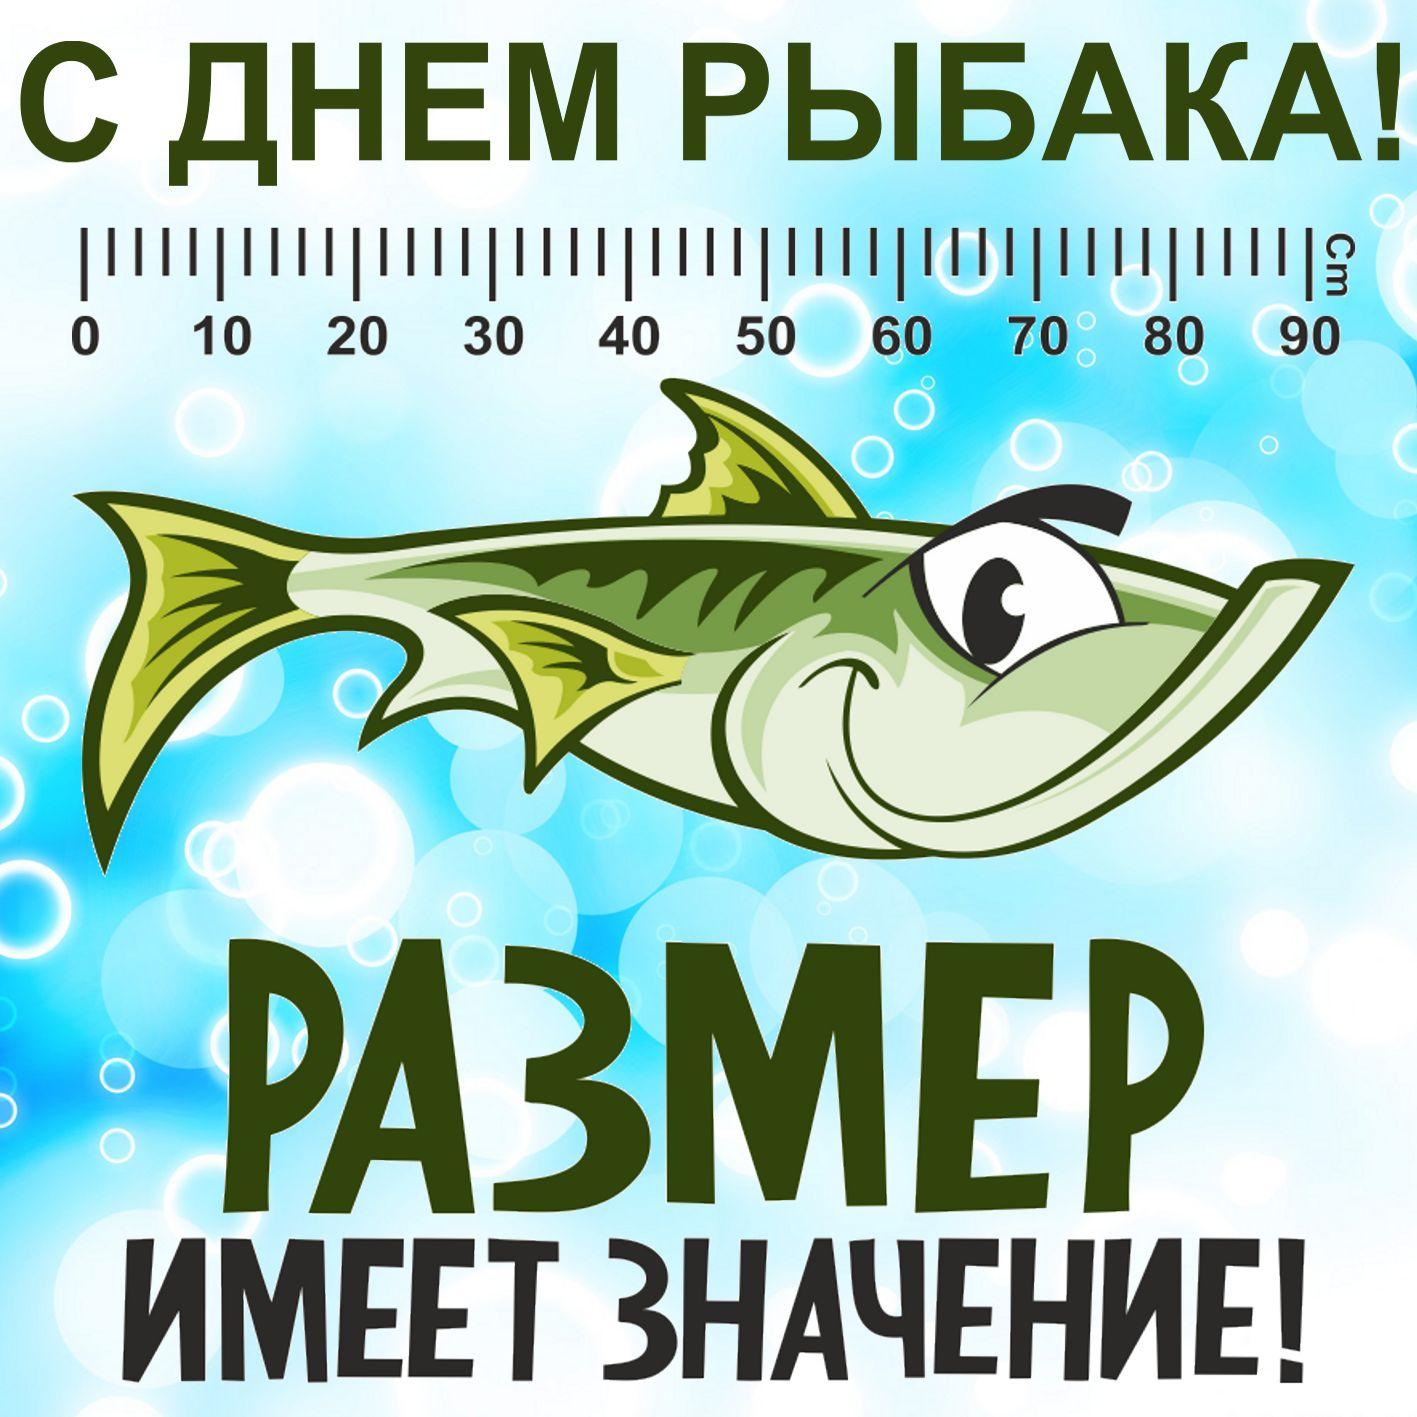 Хорошей рыбалки картинки с надписями прикольные, тест